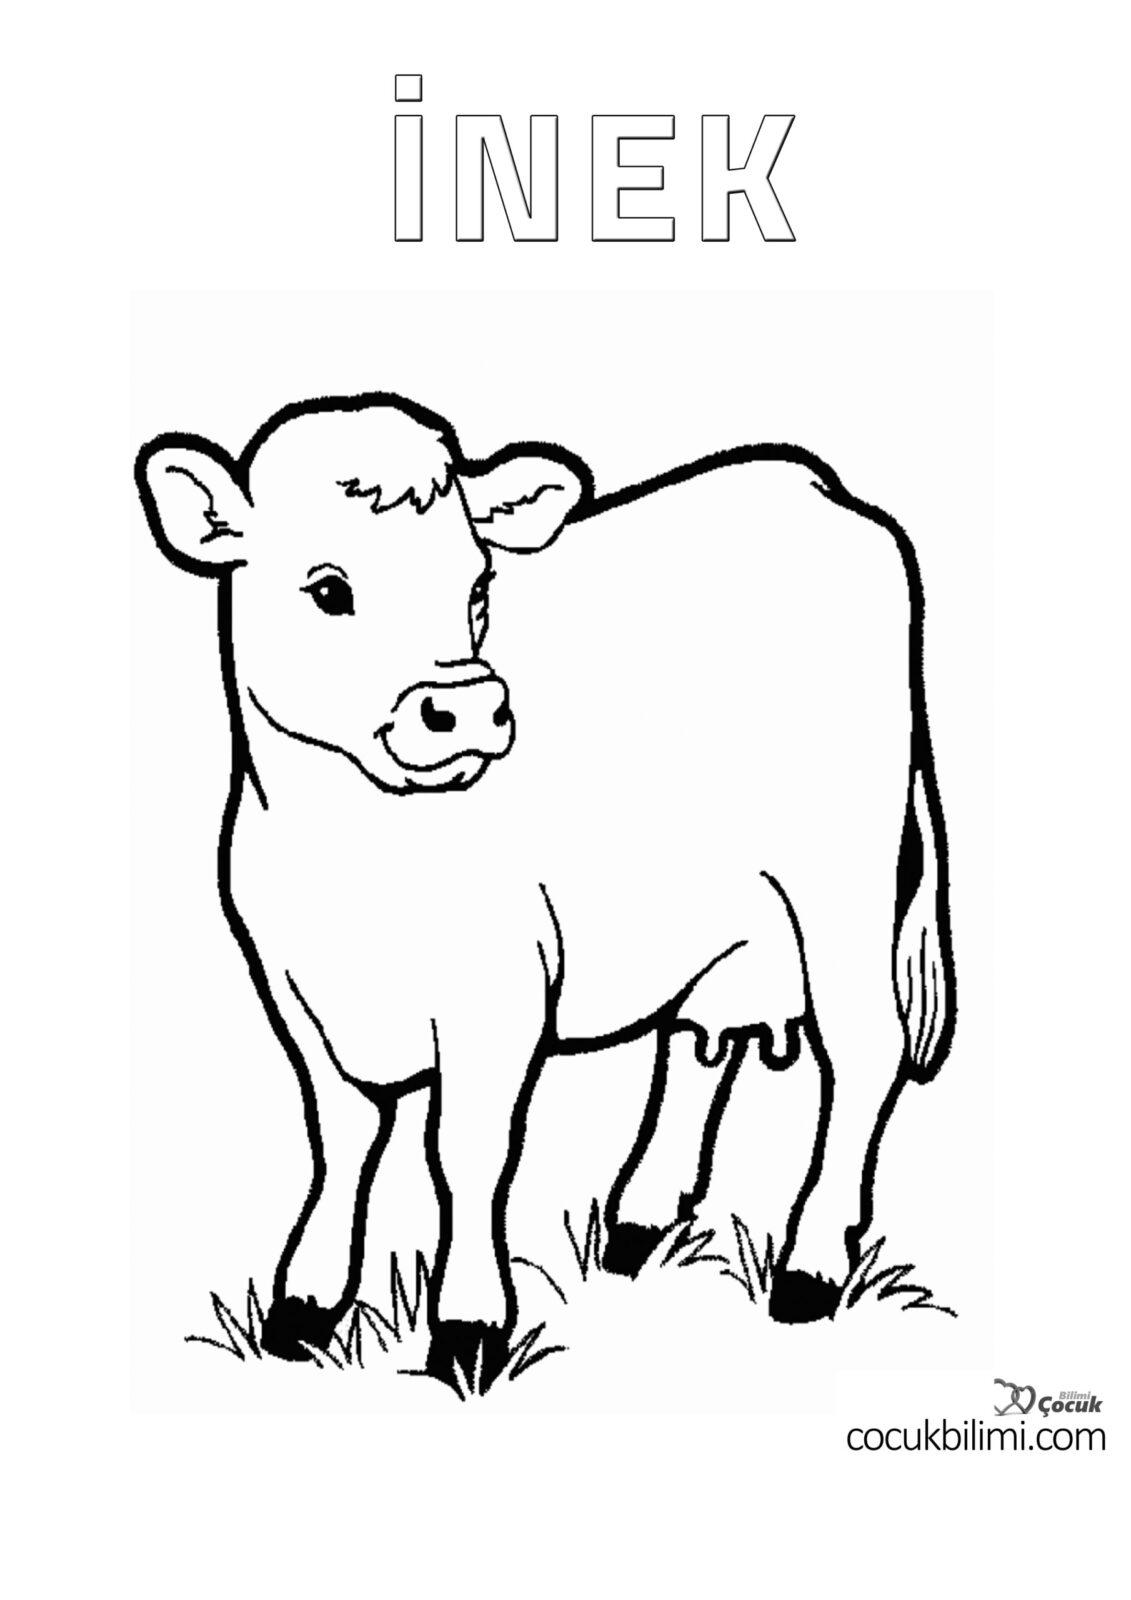 inek boyama sayfası